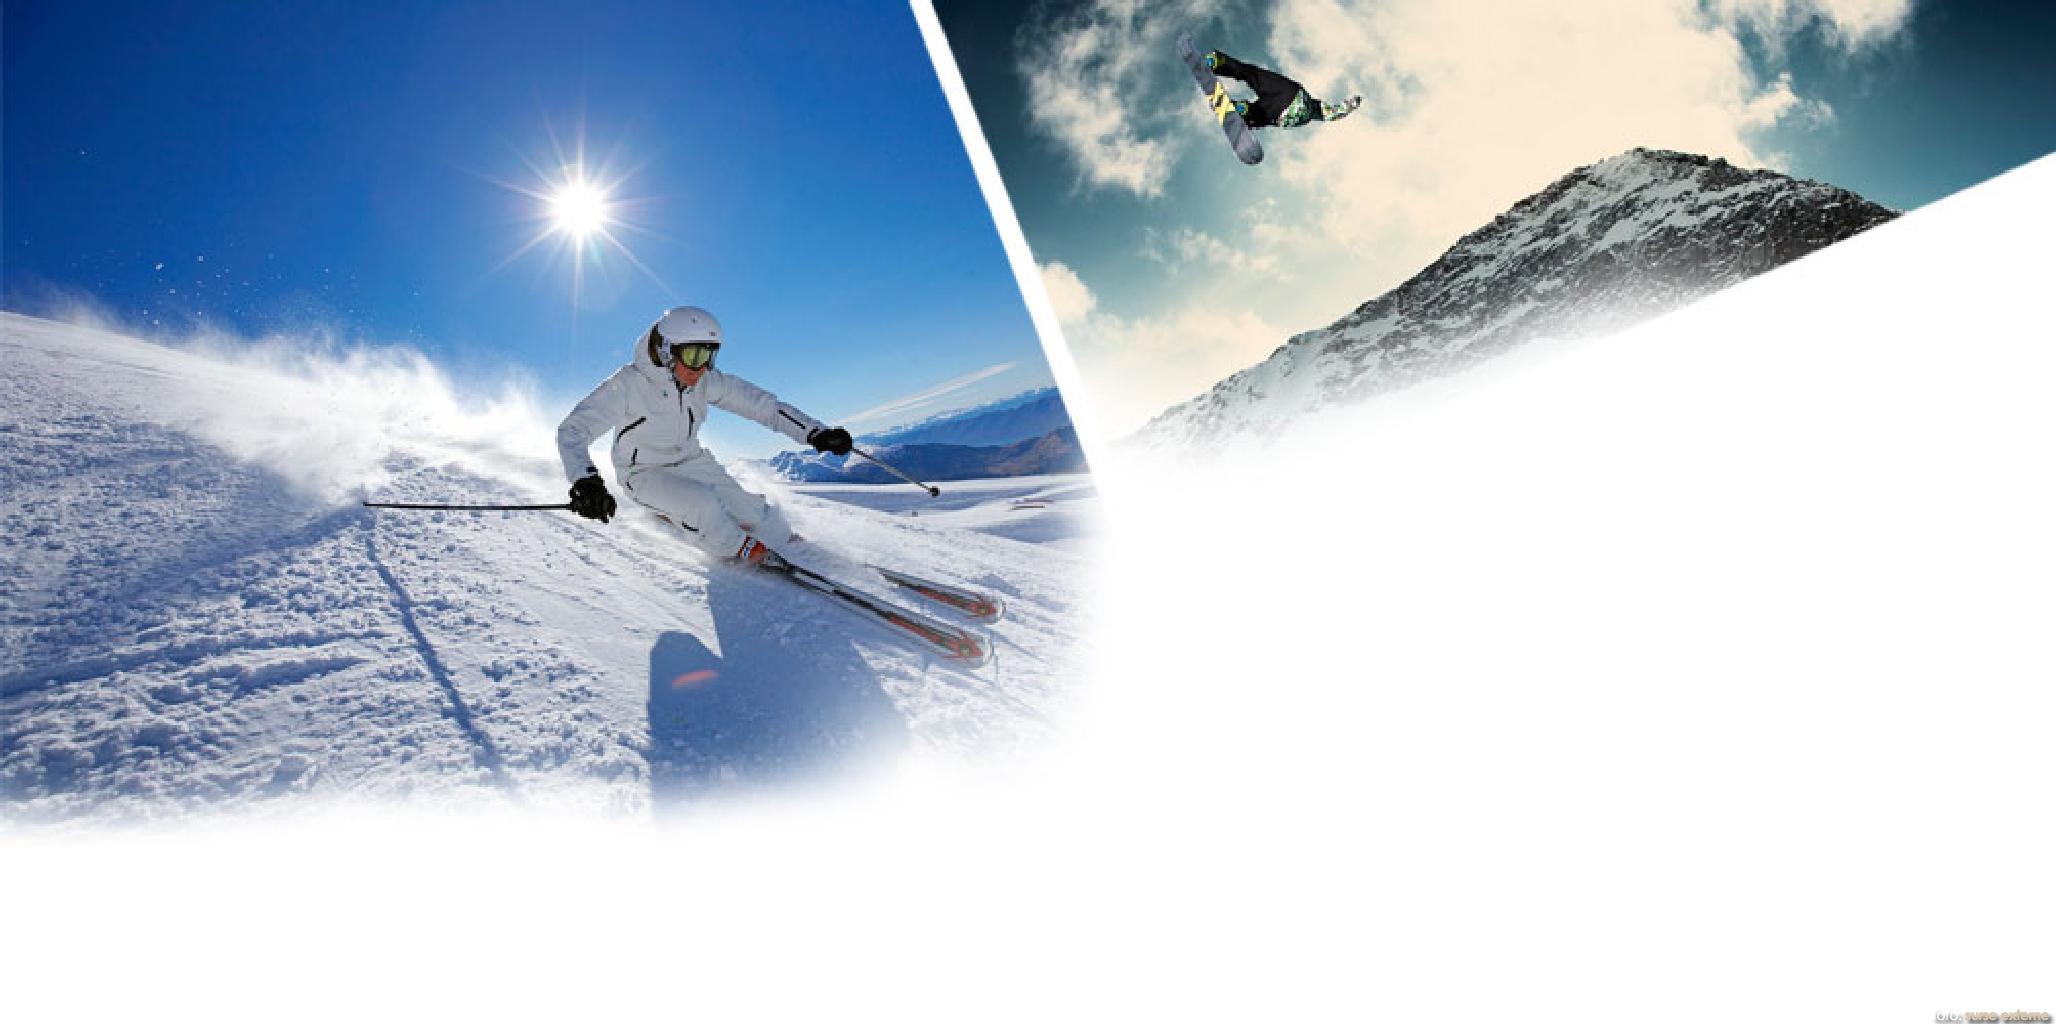 schi vs snowboard